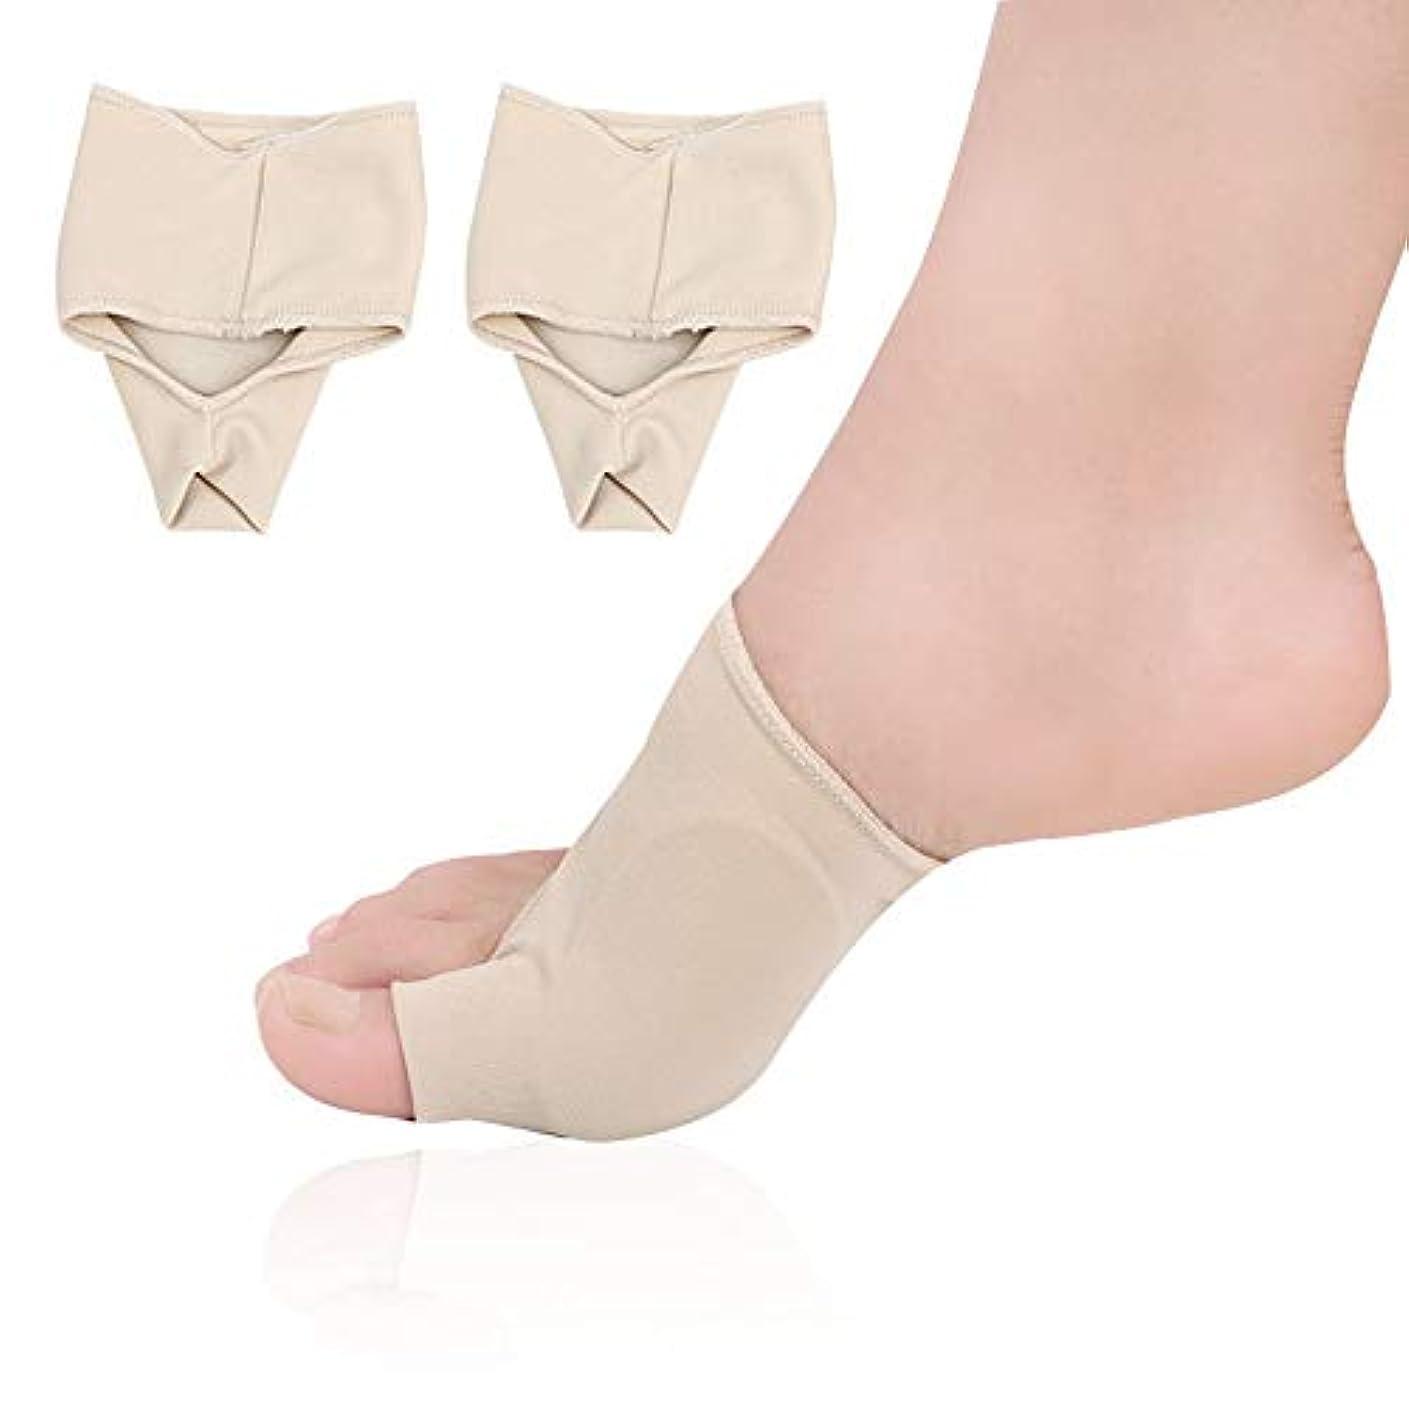 懐疑論ページェントよろしくつま先矯正靴下ケアつま先防止重複伸縮性の高いダンピング吸収汗通気性ライクラSEBS布,5pairs,L